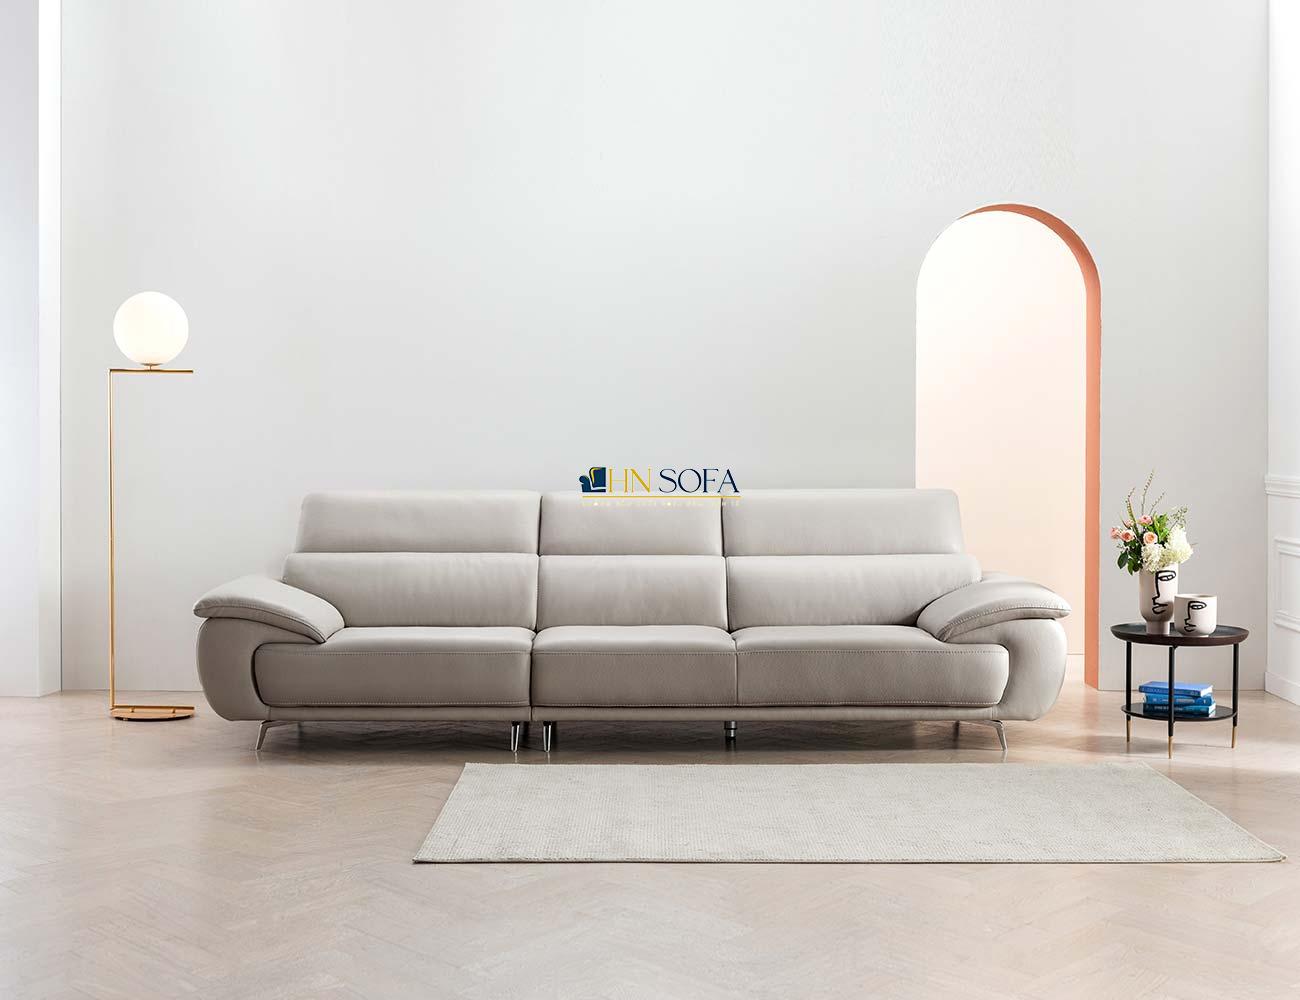 Giá sofa da tại xưởng rẻ hơn 15 - 20%